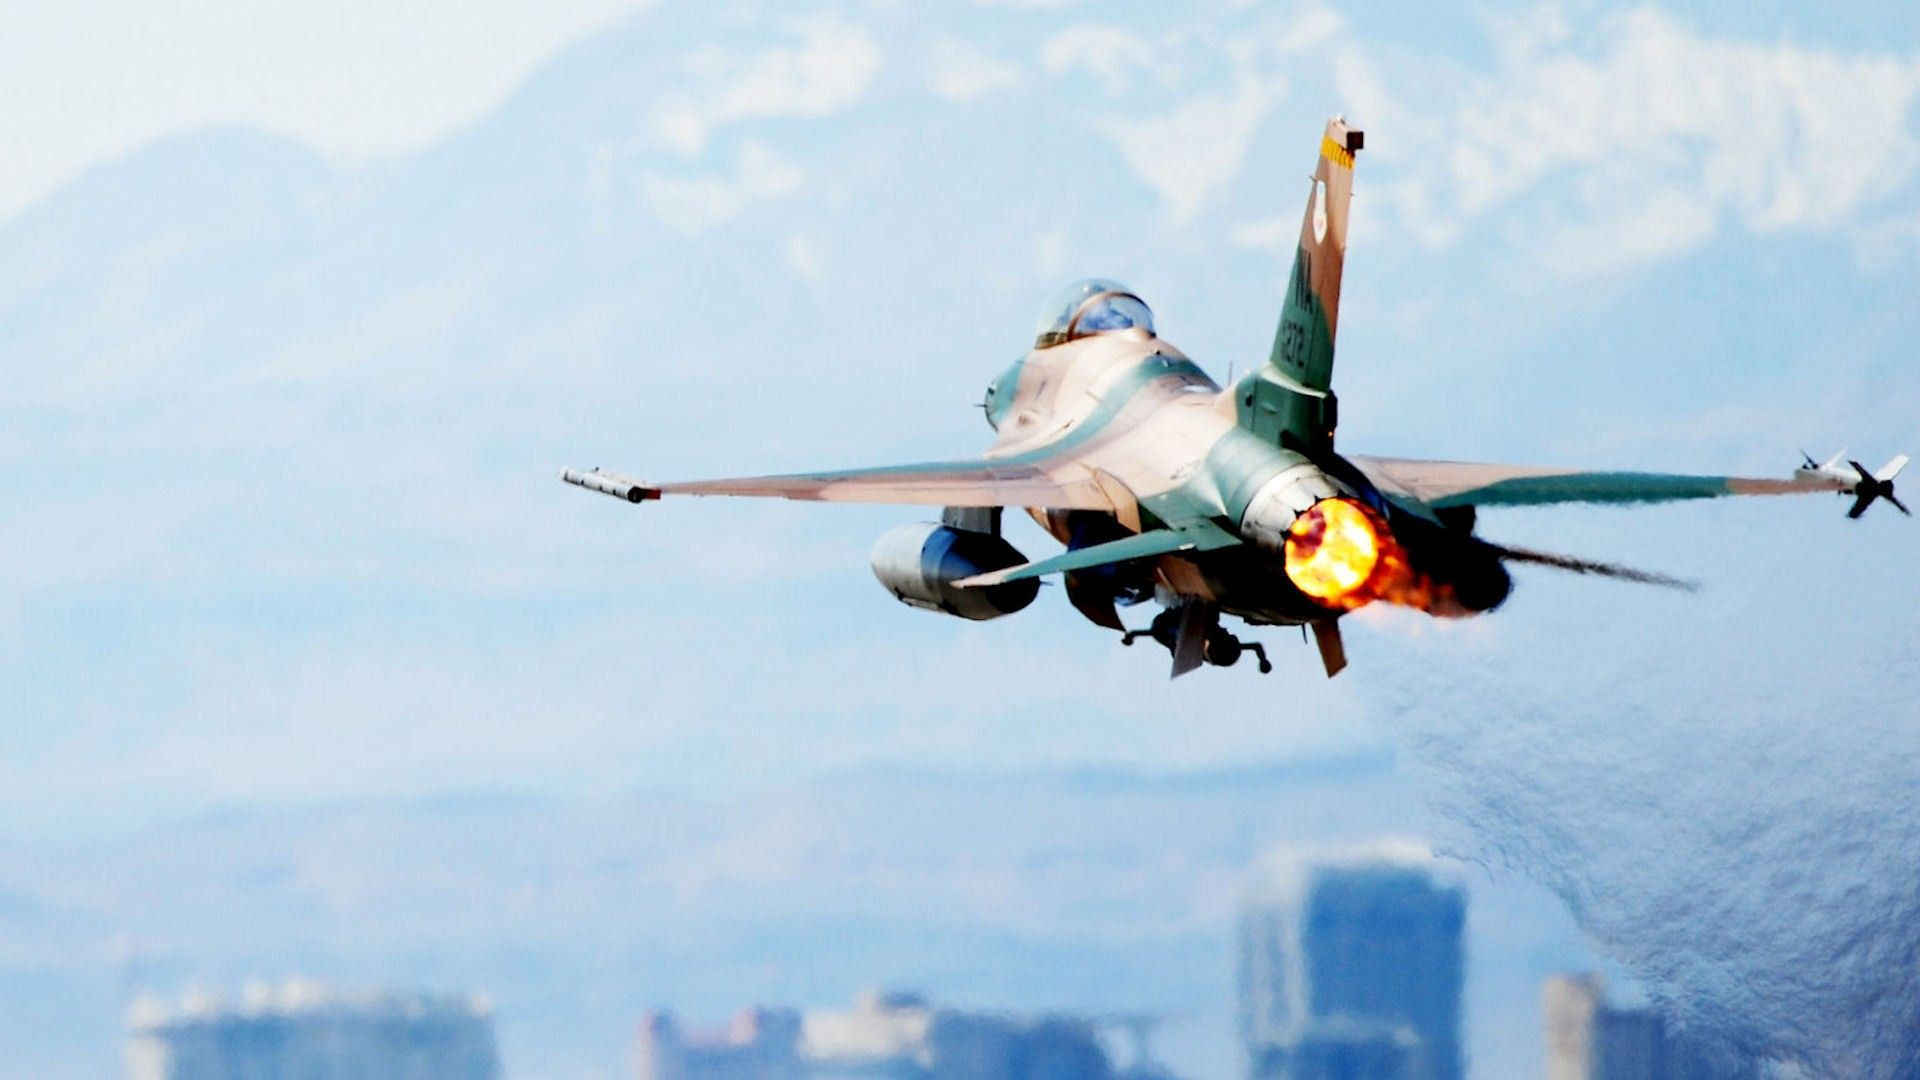 Обои israeli, force, blue, aircraft, flag. Авиация foto 8